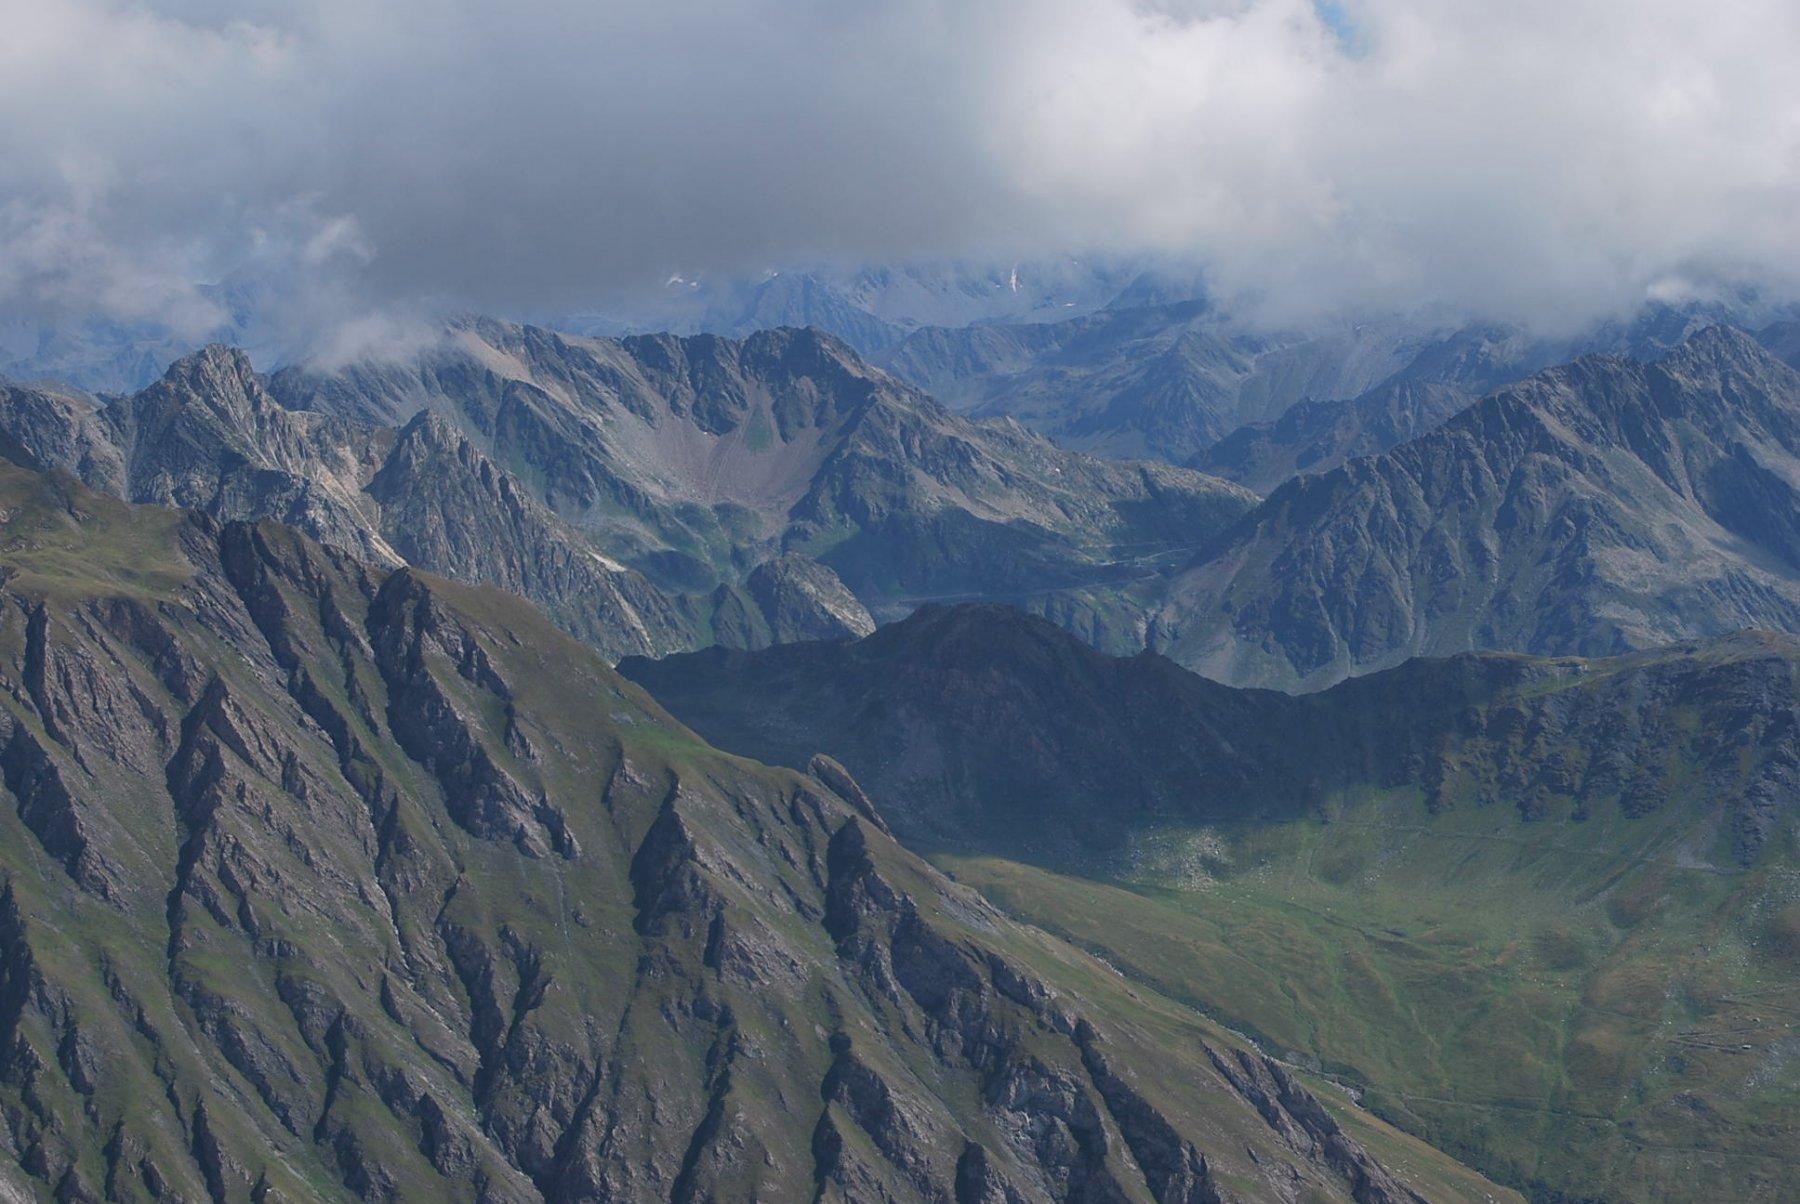 Notevole il panorama nonostante la nuvolosità: Comba di Thoules, Mt Rodzò e Colle Gran San Bernardo